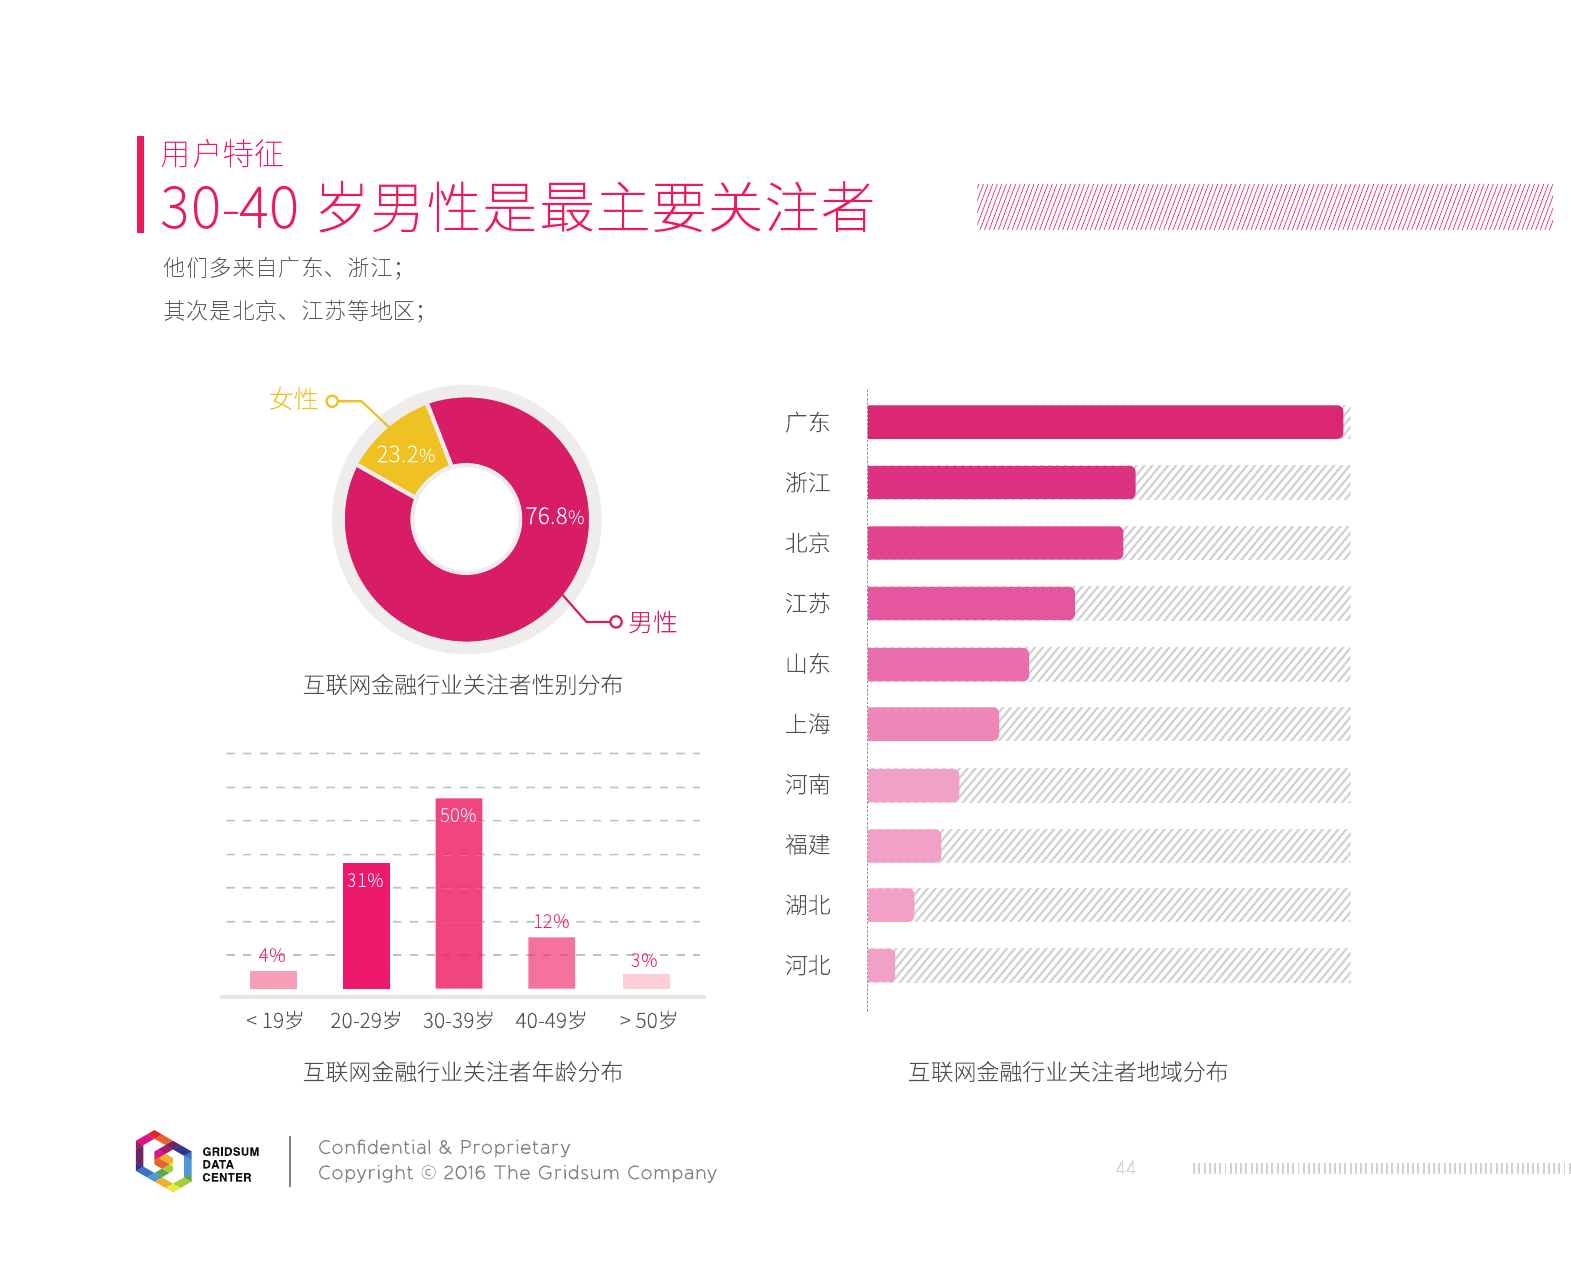 2015中国互联网发展报告_000046